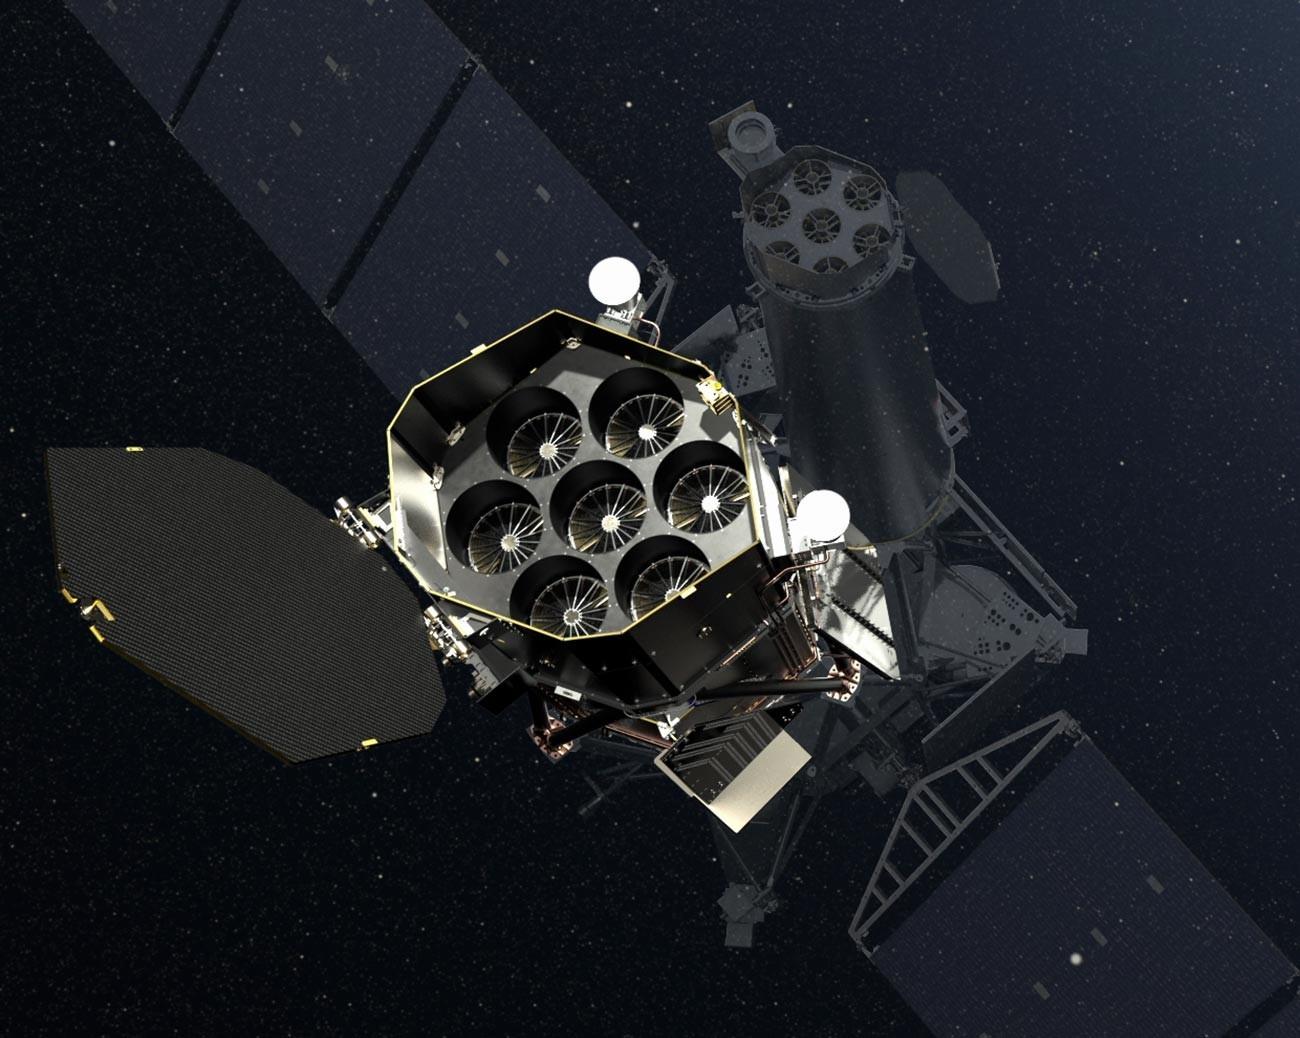 Observatorij Spektr-RG